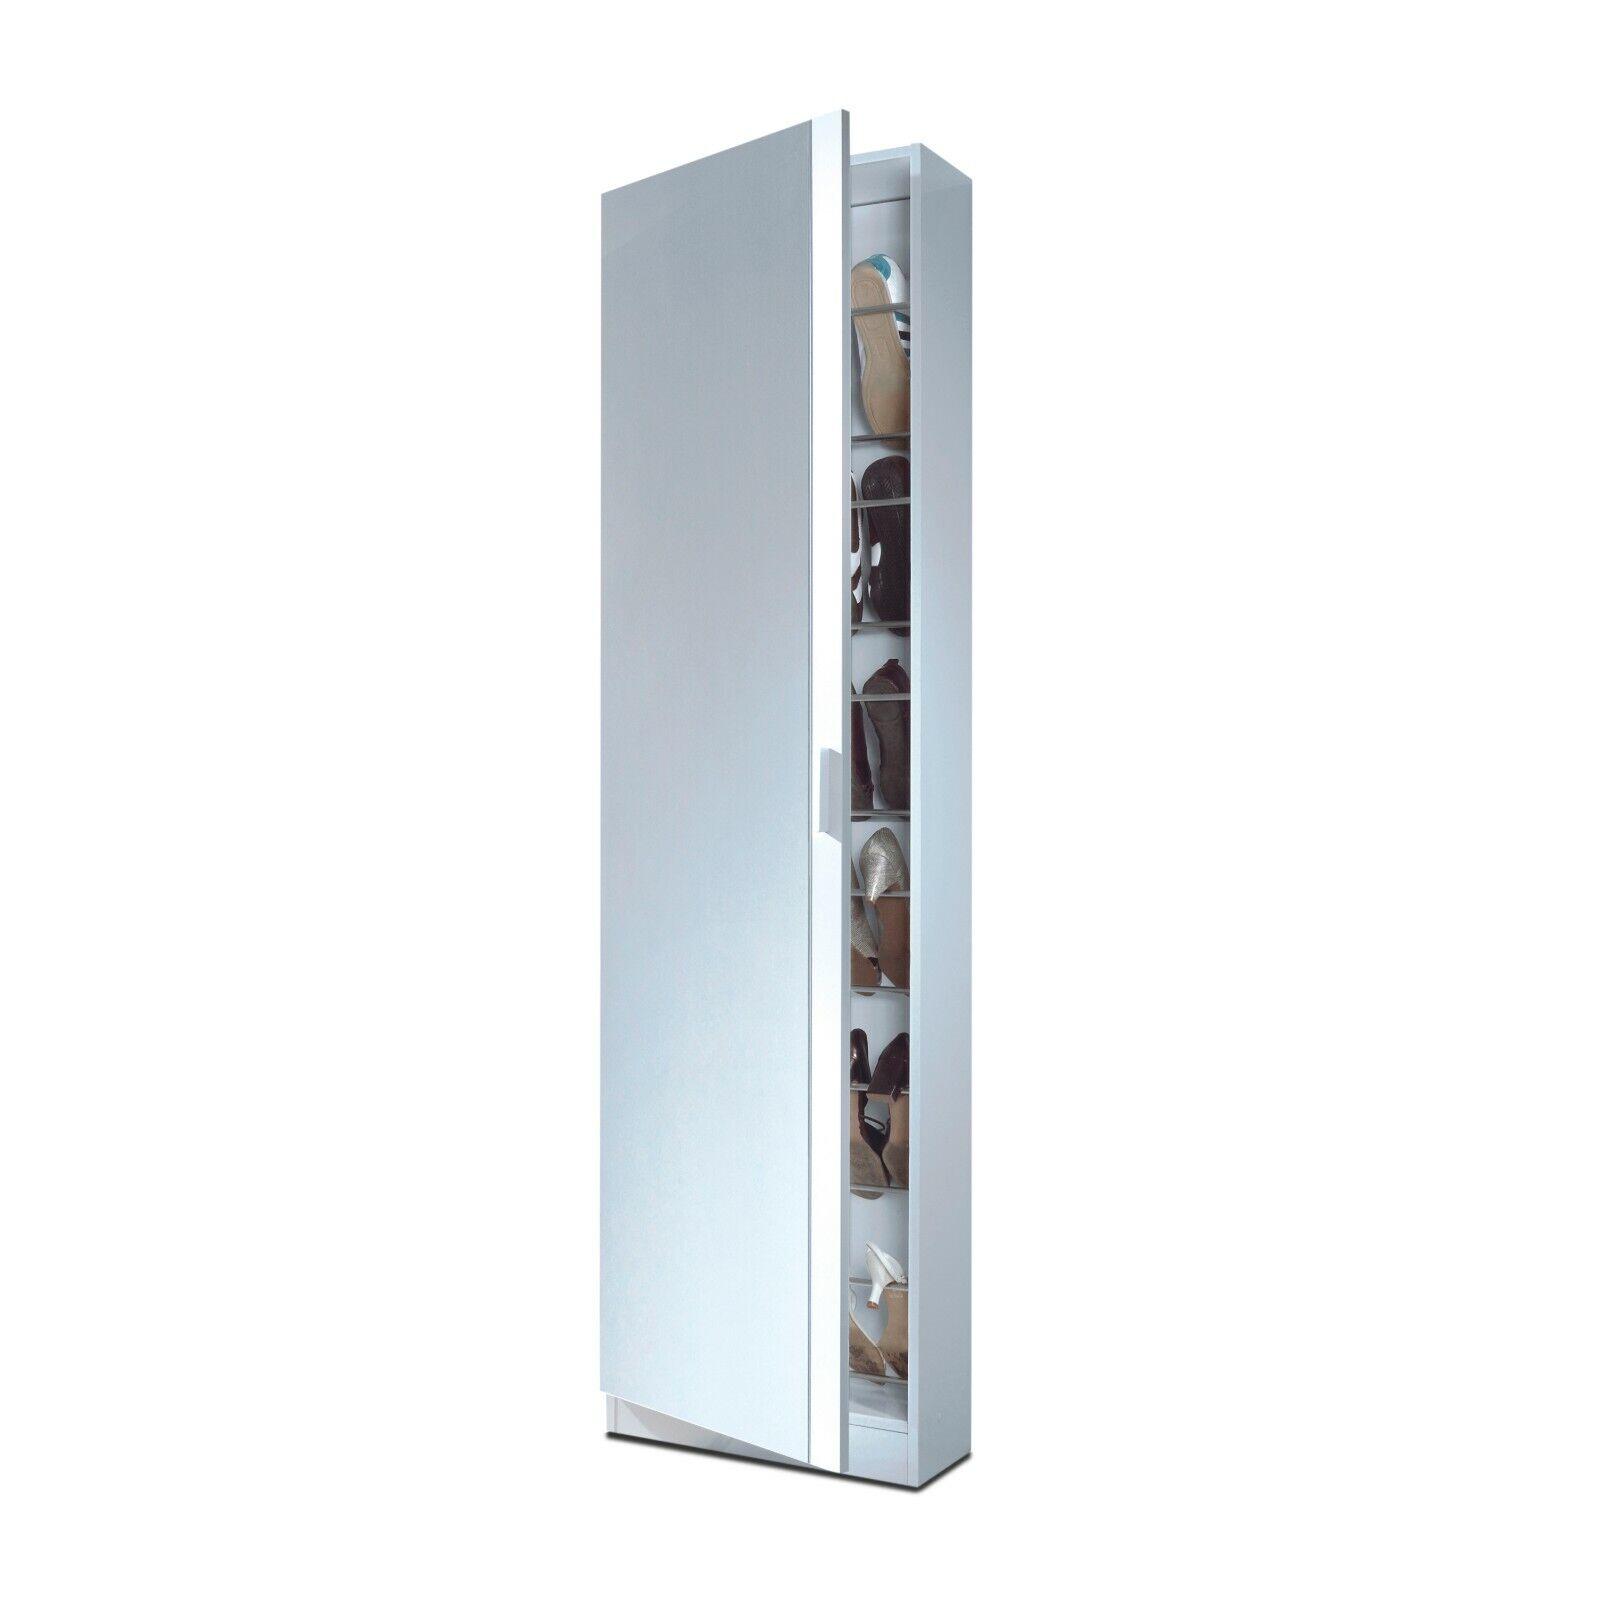 s l1600 - Mueble Zapatero puerta cristal espejo, recibidor zapatero, color Blanco Brillo